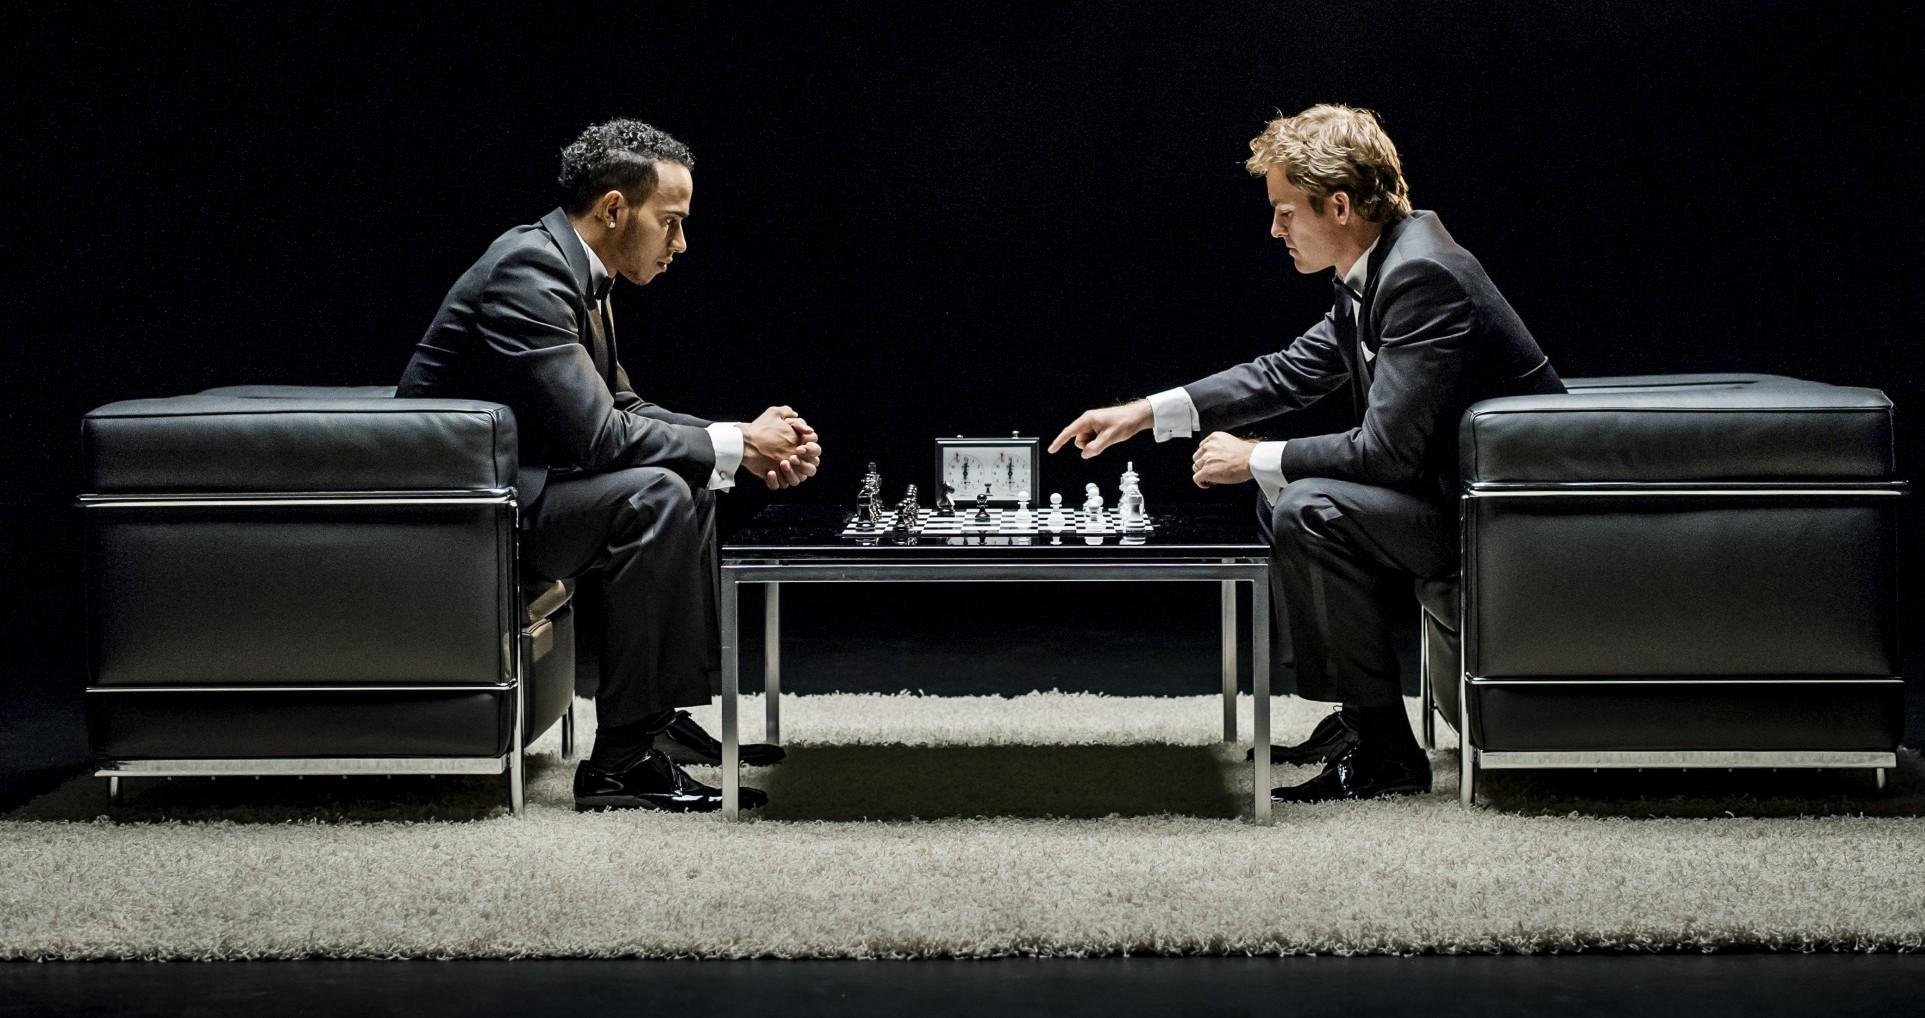 Lewis Hamilton und Nico Rosberg beim Schach. Copyright: Mercedes